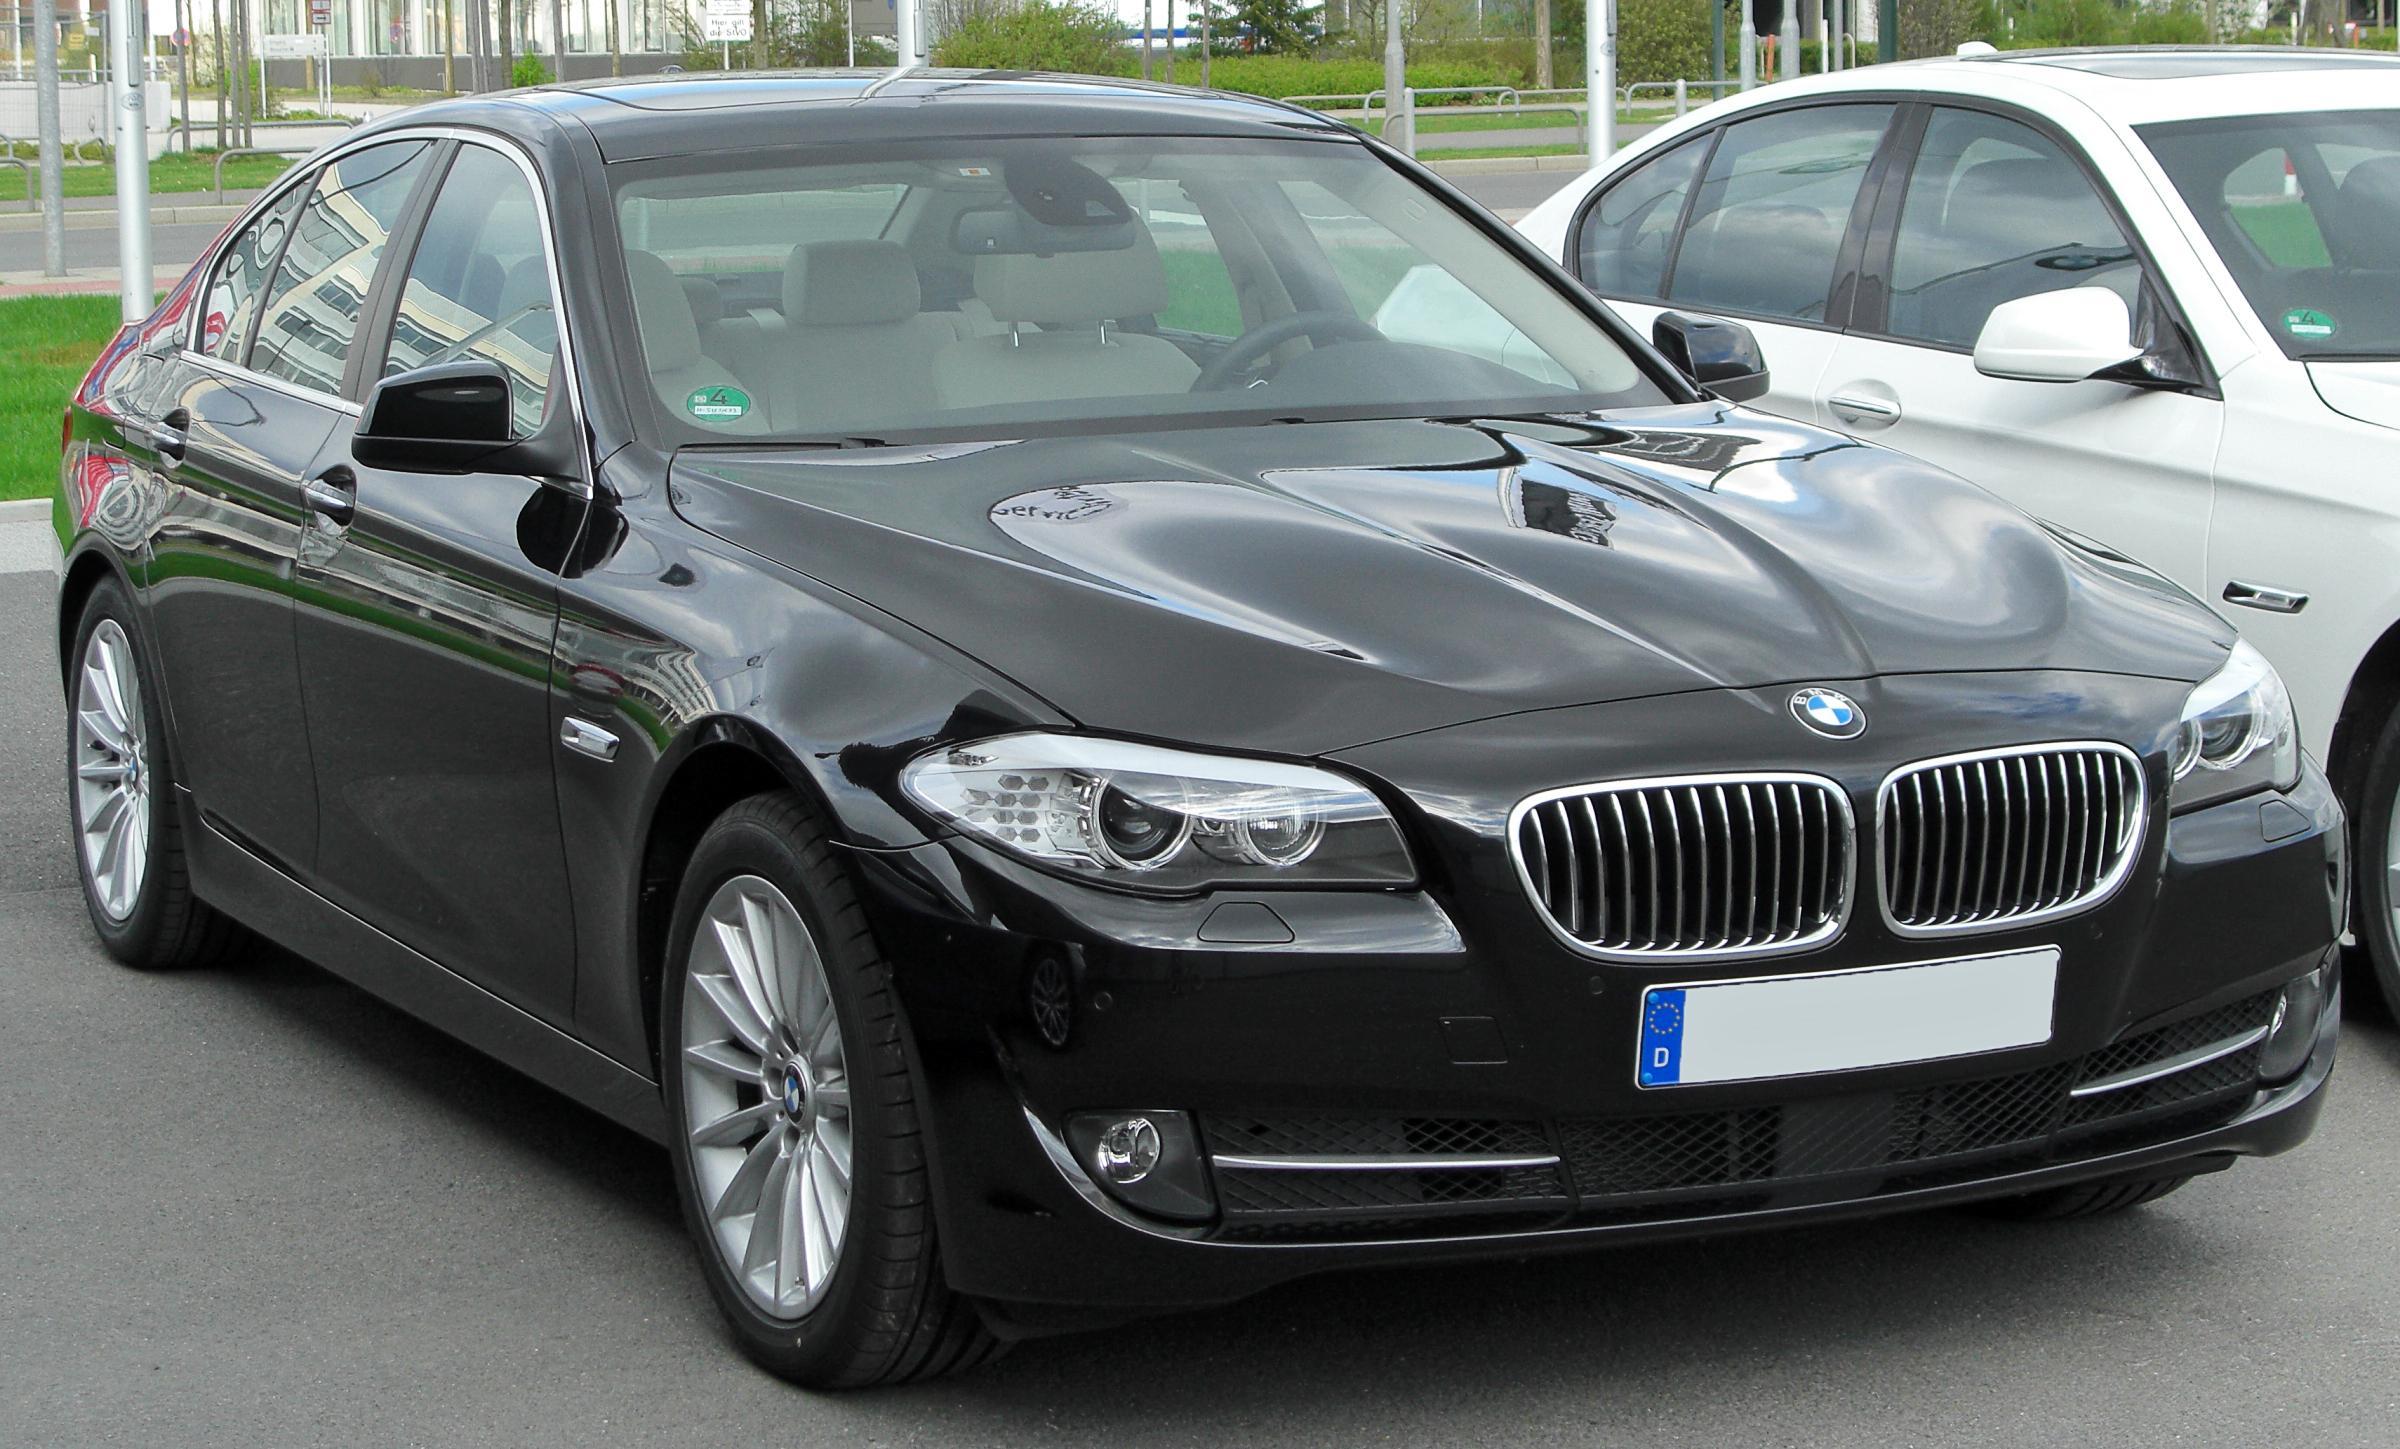 Bmw I BMW Auto Cars - 2010 bmw 530i